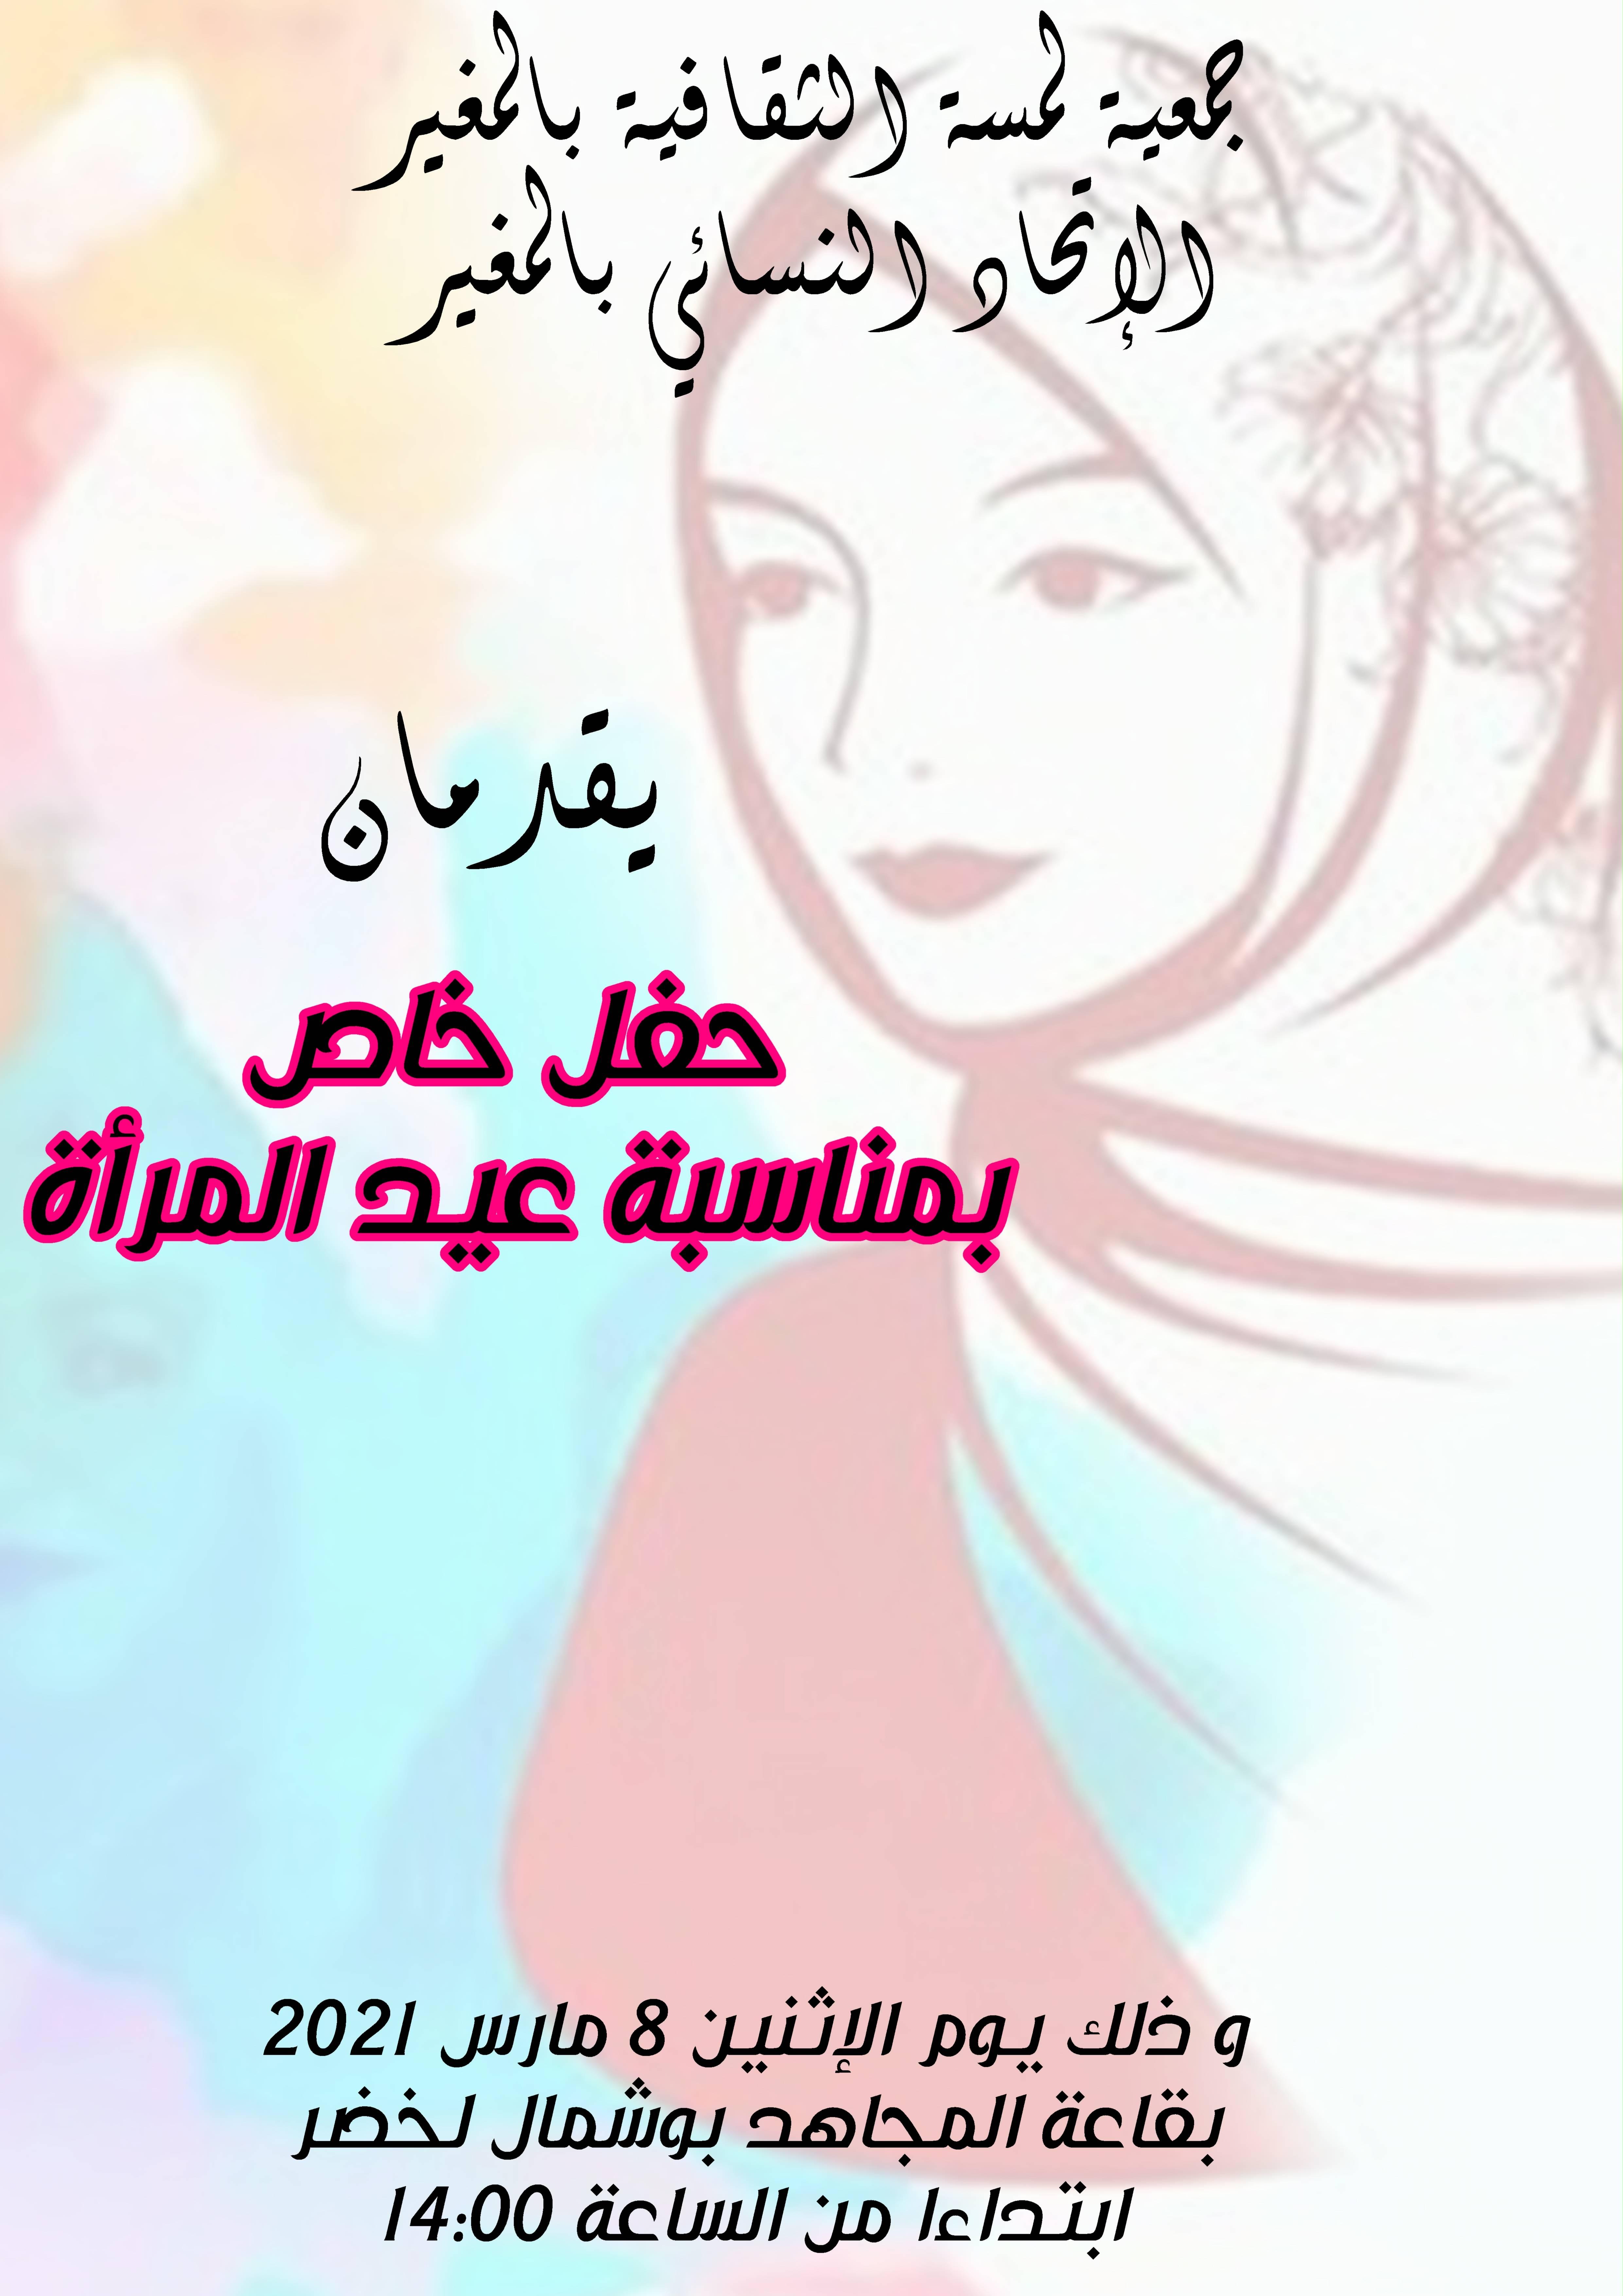 الاحتفال بعيد المرأة 2021 - جمعية لمسة الثقافية المغير